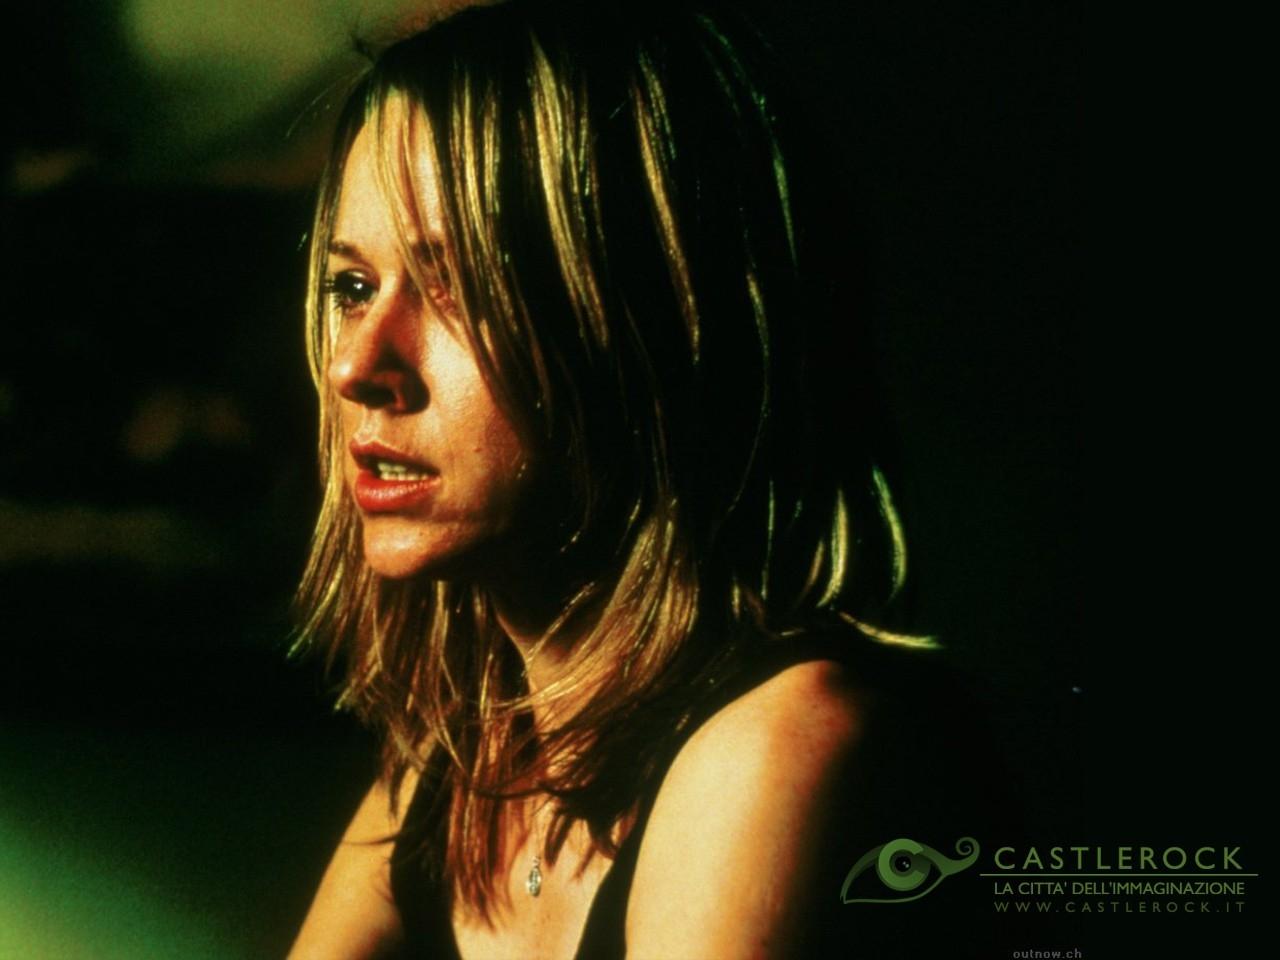 Wallpaper del film 21 Grammi - Il peso dell'anima con Naomi Watts